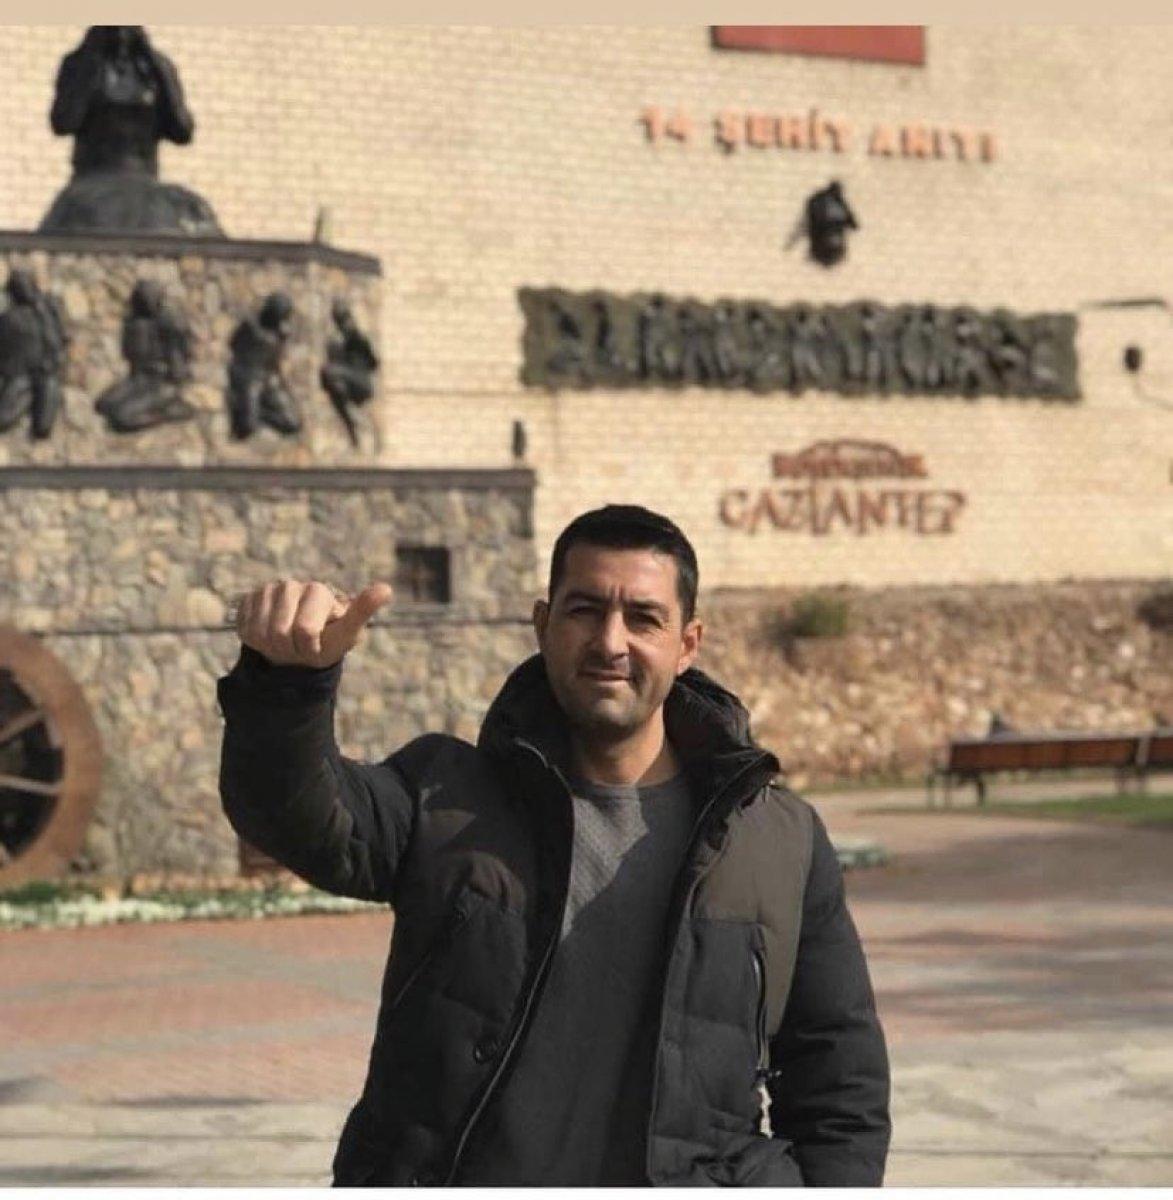 Bitlis teki kazada şehit olan askerlerin kimlikleri belli oldu  #8